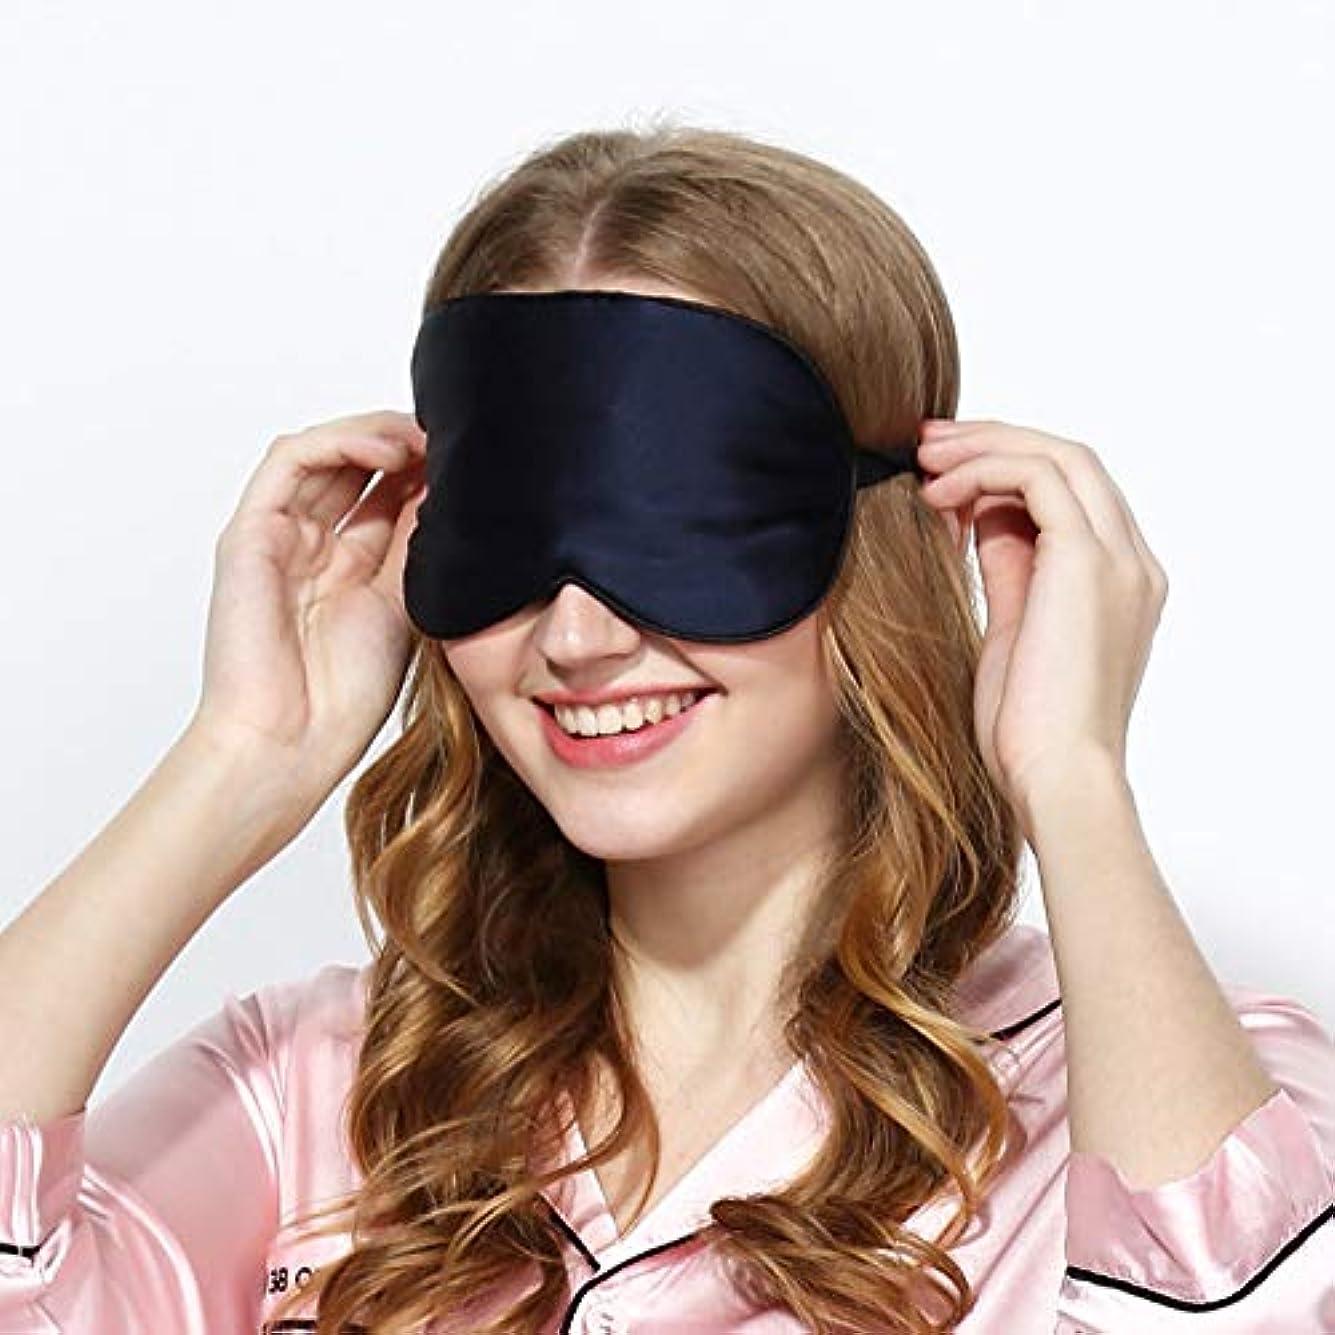 偶然ぬいぐるみうん3 Dソフト通気性ファブリックアイシェード睡眠アイマスクポータブル旅行睡眠休息補助アイマスクカバーアイパッチ睡眠マスク